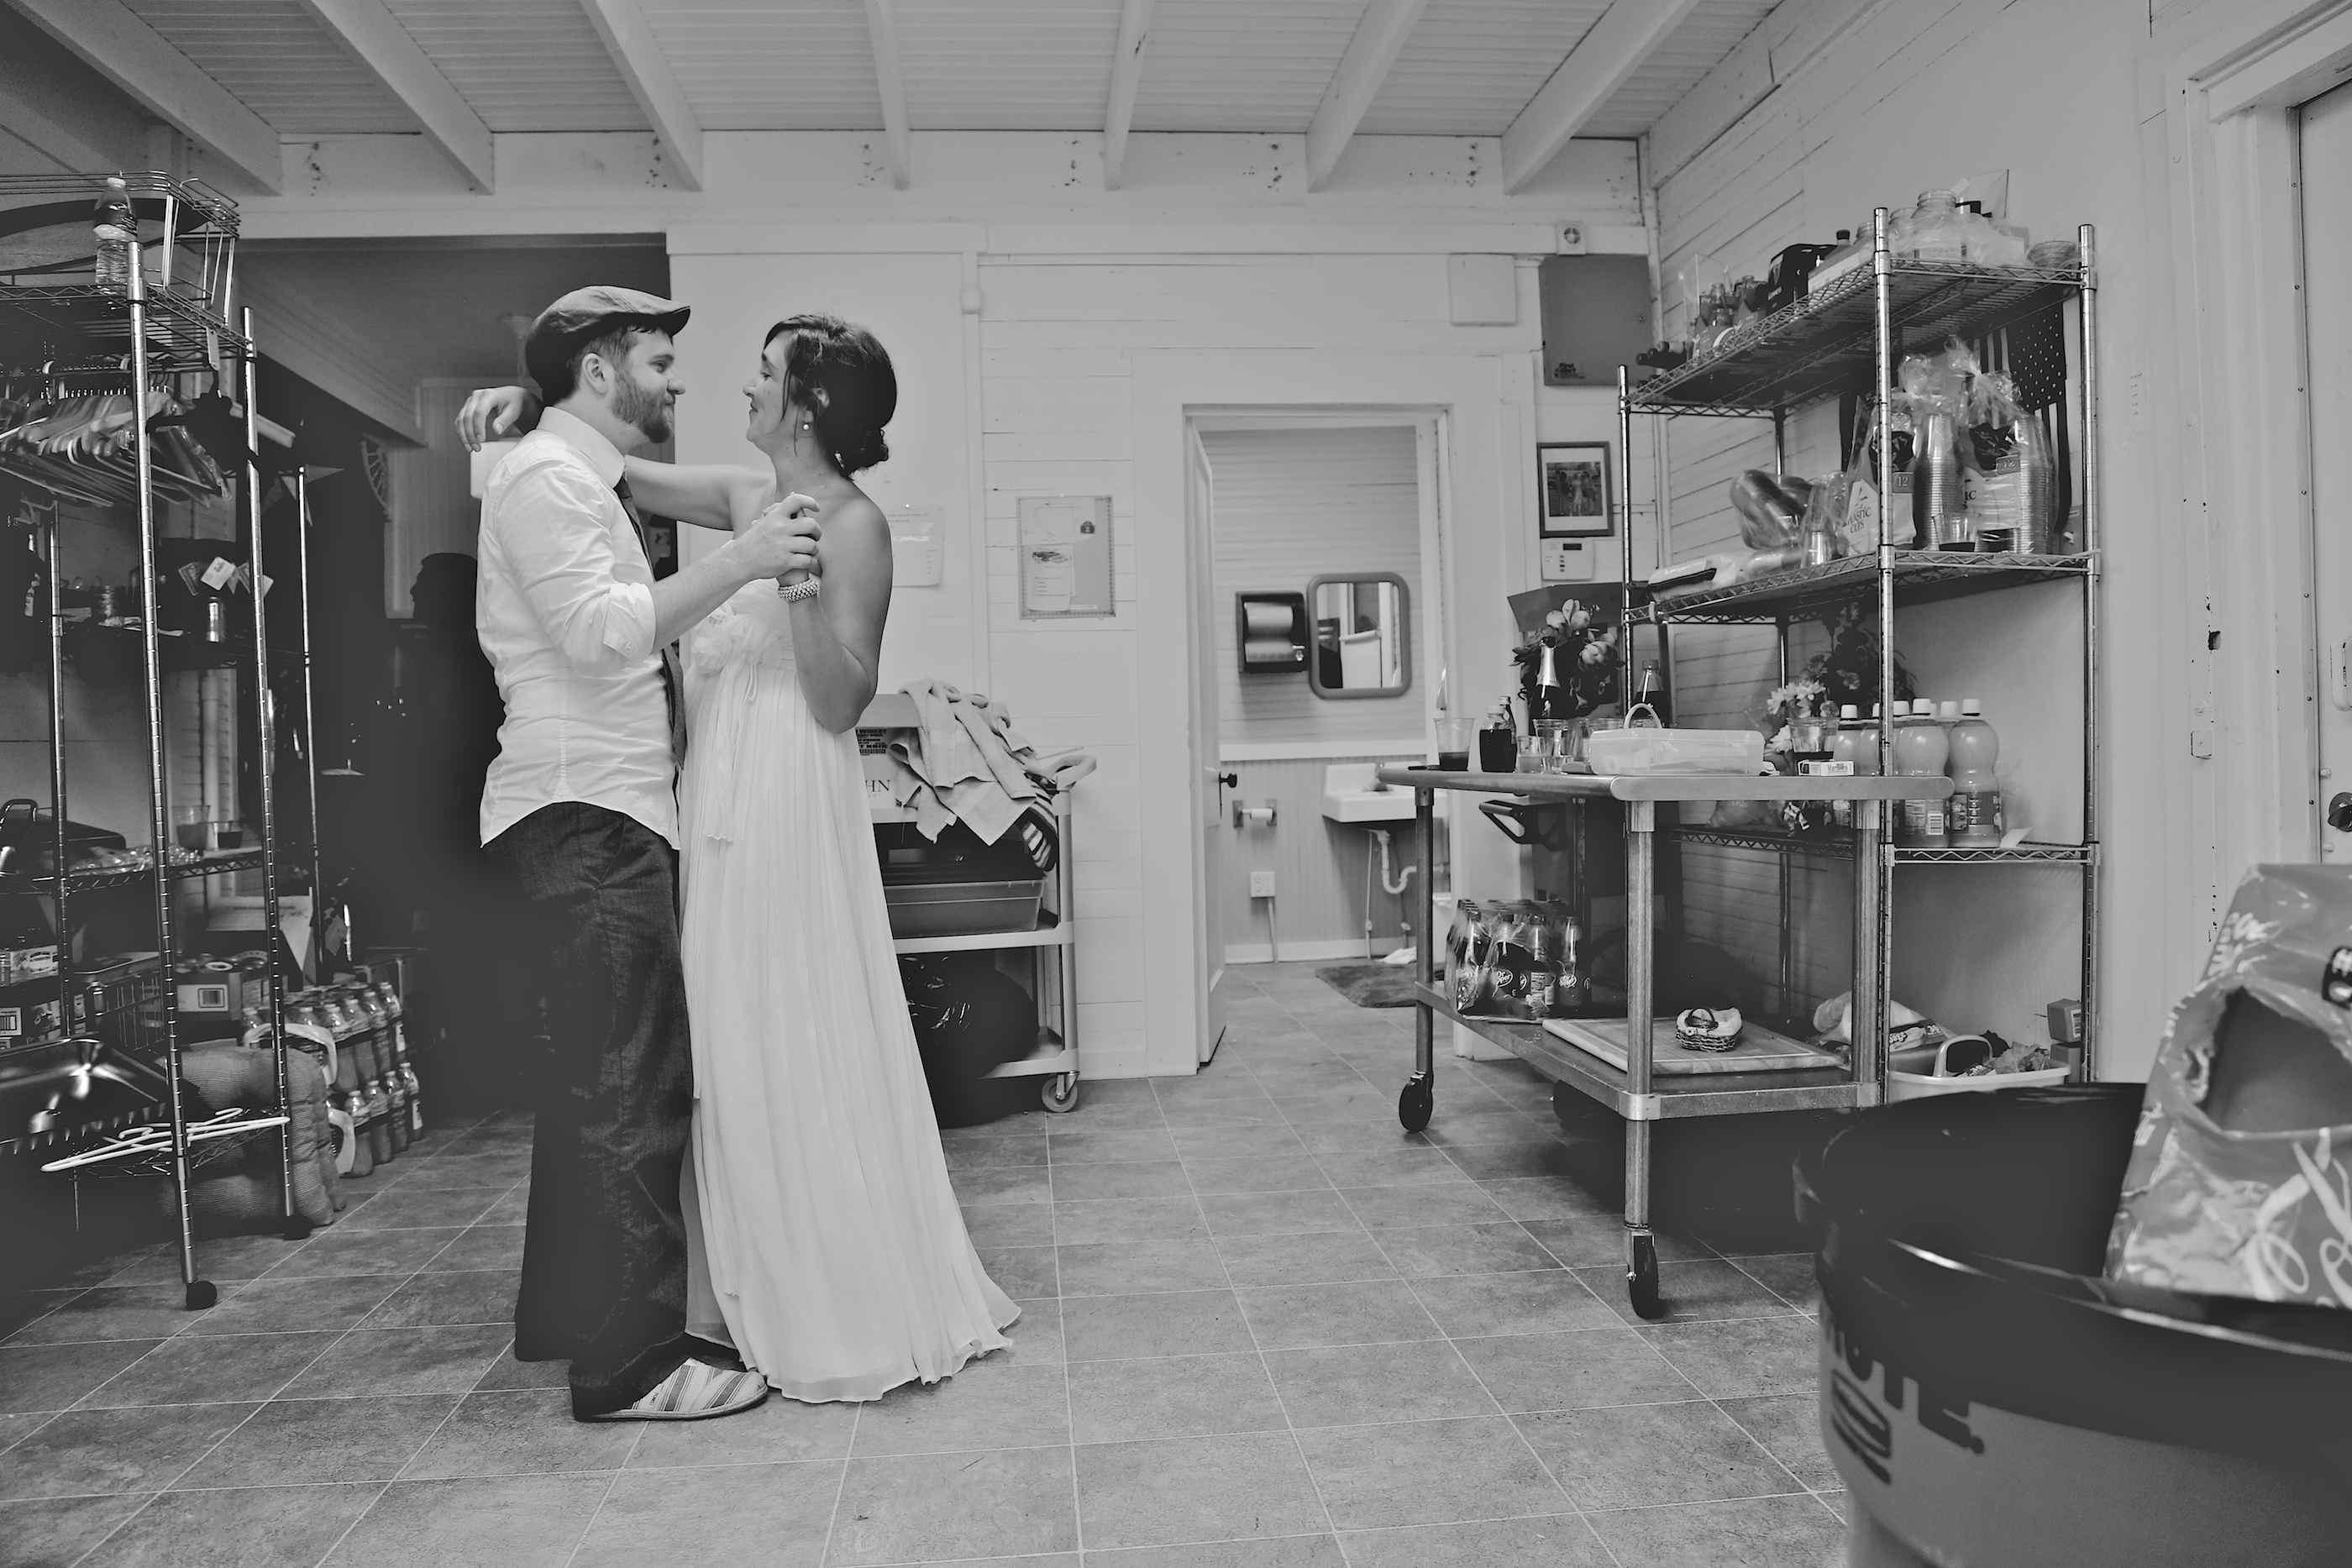 06-top-10-wedding-photos-2013-014